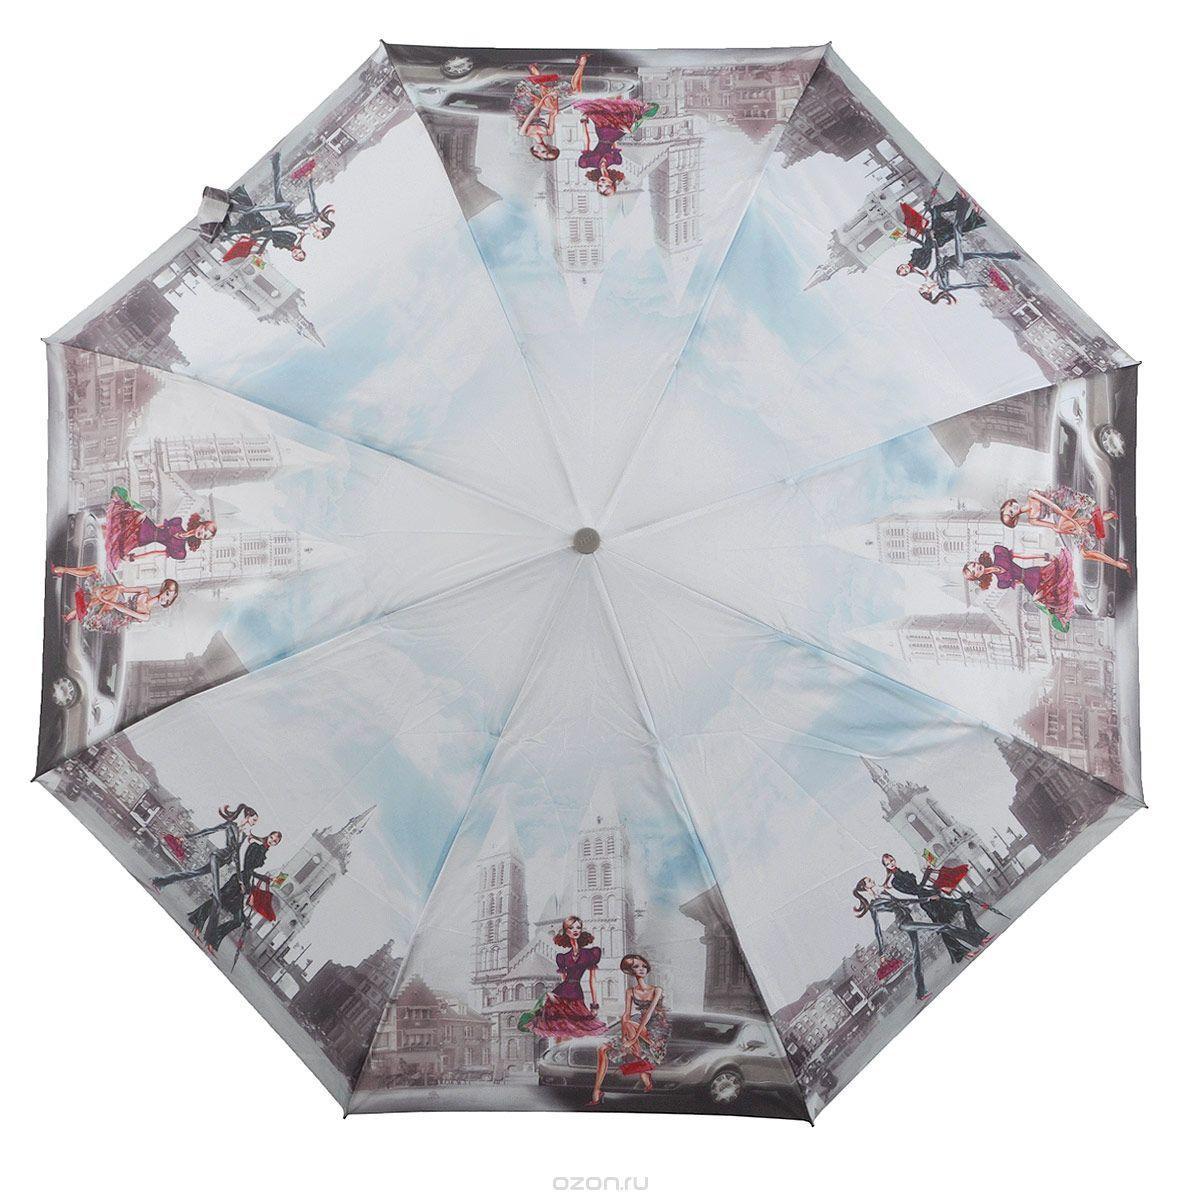 Зонт женский Zest, автомат, 3 сложения. 239455-05239455-05Женский автоматический зонт Zest в 3 сложения даже в ненастную погоду позволит вам оставаться стильной и элегантной. Каркас зонта состоит из 8 спиц из фибергласса и прочного стального стержня. Специальная система Windproof защищает его от поломок во время сильных порывов ветра. Купол зонта выполнен из прочного полиэстера с водоотталкивающей пропиткой и оформлен оригинальным изображением двух девушек. Используемые высококачественные красители, а также покрытие Teflon обеспечивают длительное сохранение свойств ткани купола. Рукоятка, разработанная с учетом требований эргономики, выполнена из приятного на ощупь прорезиненного пластика серого цвета. Зонт имеет полный автоматический механизм сложения: купол открывается и закрывается нажатием кнопки на рукоятке, стержень складывается вручную до характерного щелчка, благодаря чему открыть и закрыть зонт можно одной рукой, что чрезвычайно удобно при входе в транспорт или помещение. На рукоятке для удобства есть небольшой...